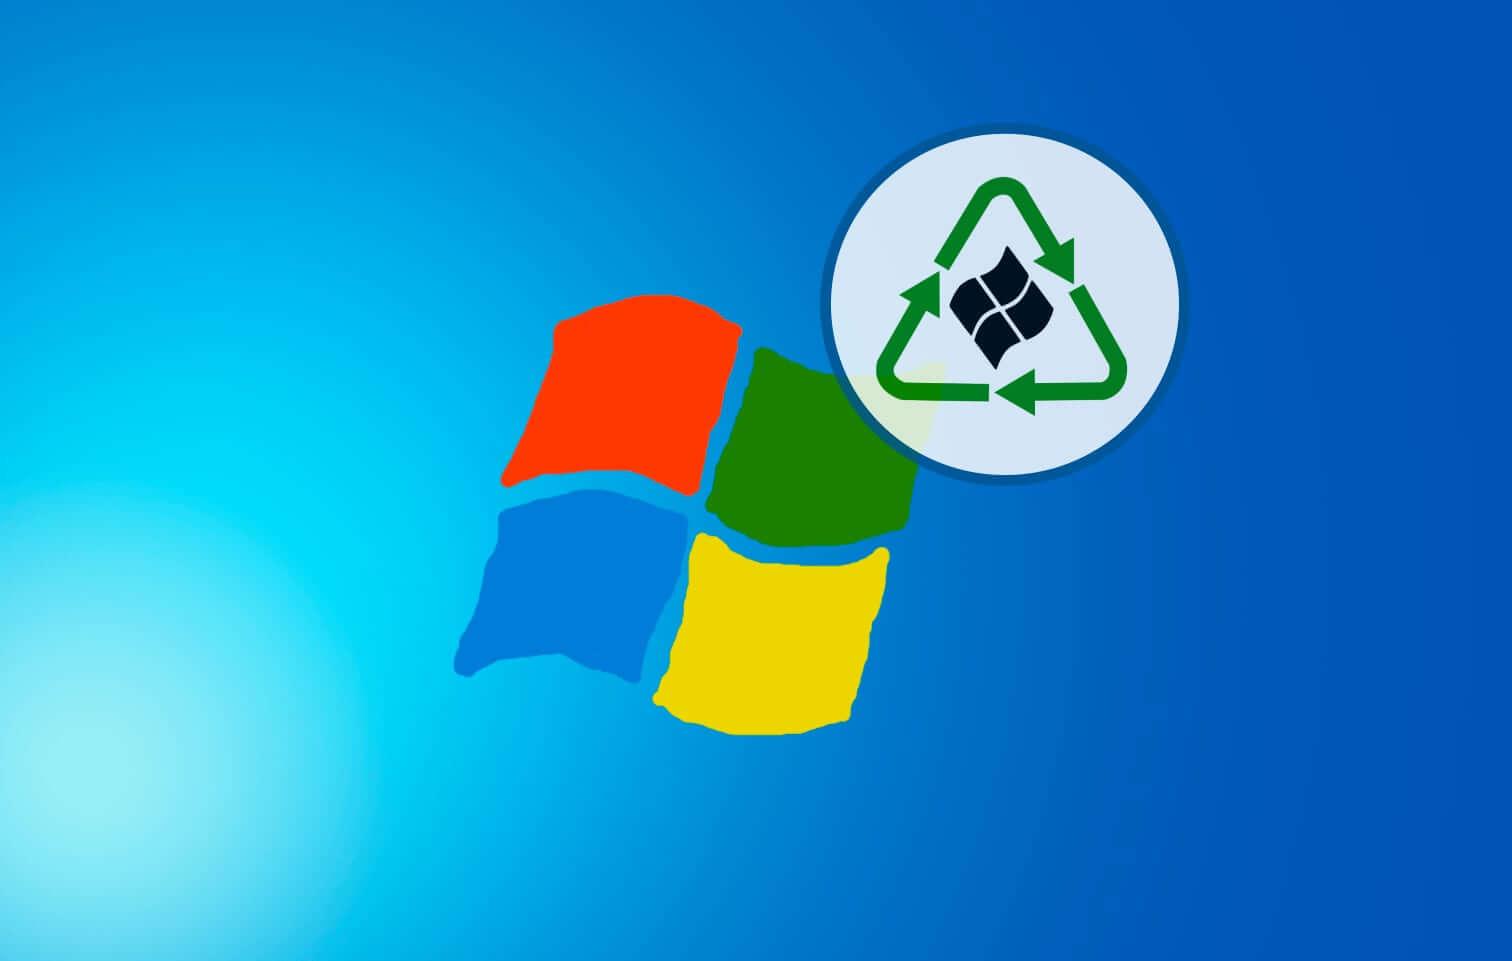 Özgür Yazılım Vakfı Windows 7 açık kaynak olmalı dedi